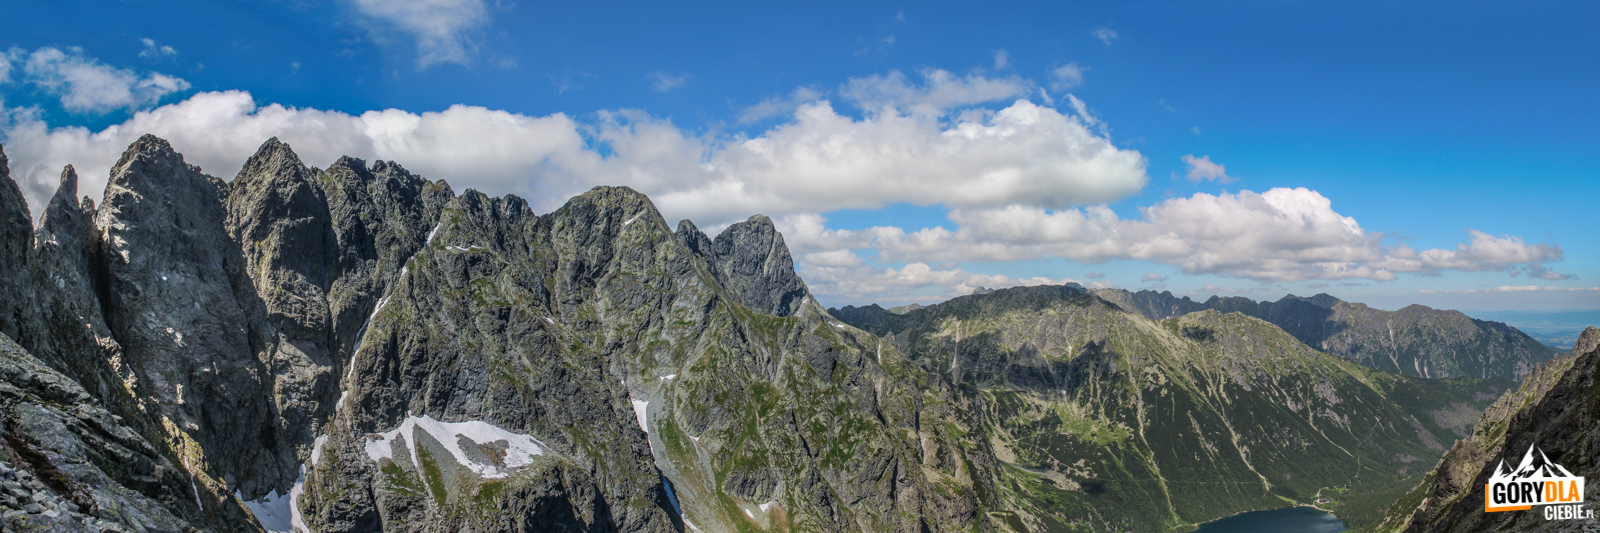 Widok zdrogi naRysy. Odlewej Żabi Koń (2291 m), Żabia Turnia (2335 m), Wołowa Turnia (2373), Hińczowa Turnia (2377 m), Mięguszowieckie Szczyty, dalej Miedziane (2233 m) iOpalone (2115 m).